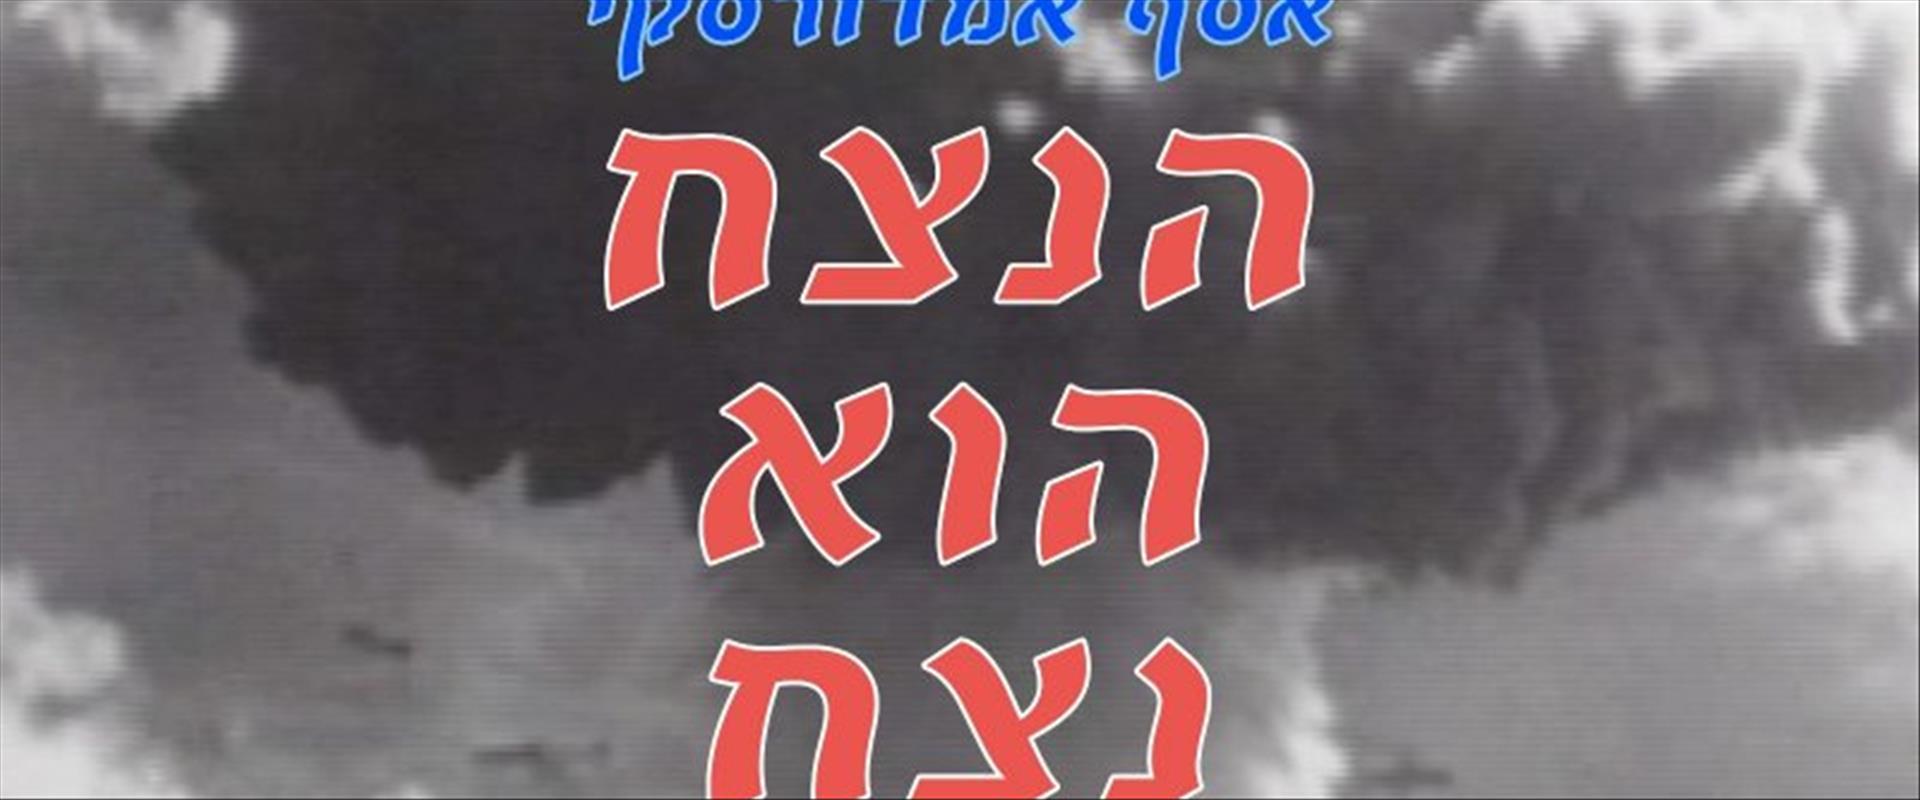 אסף אמדורסקי - הנצח הוא נצח